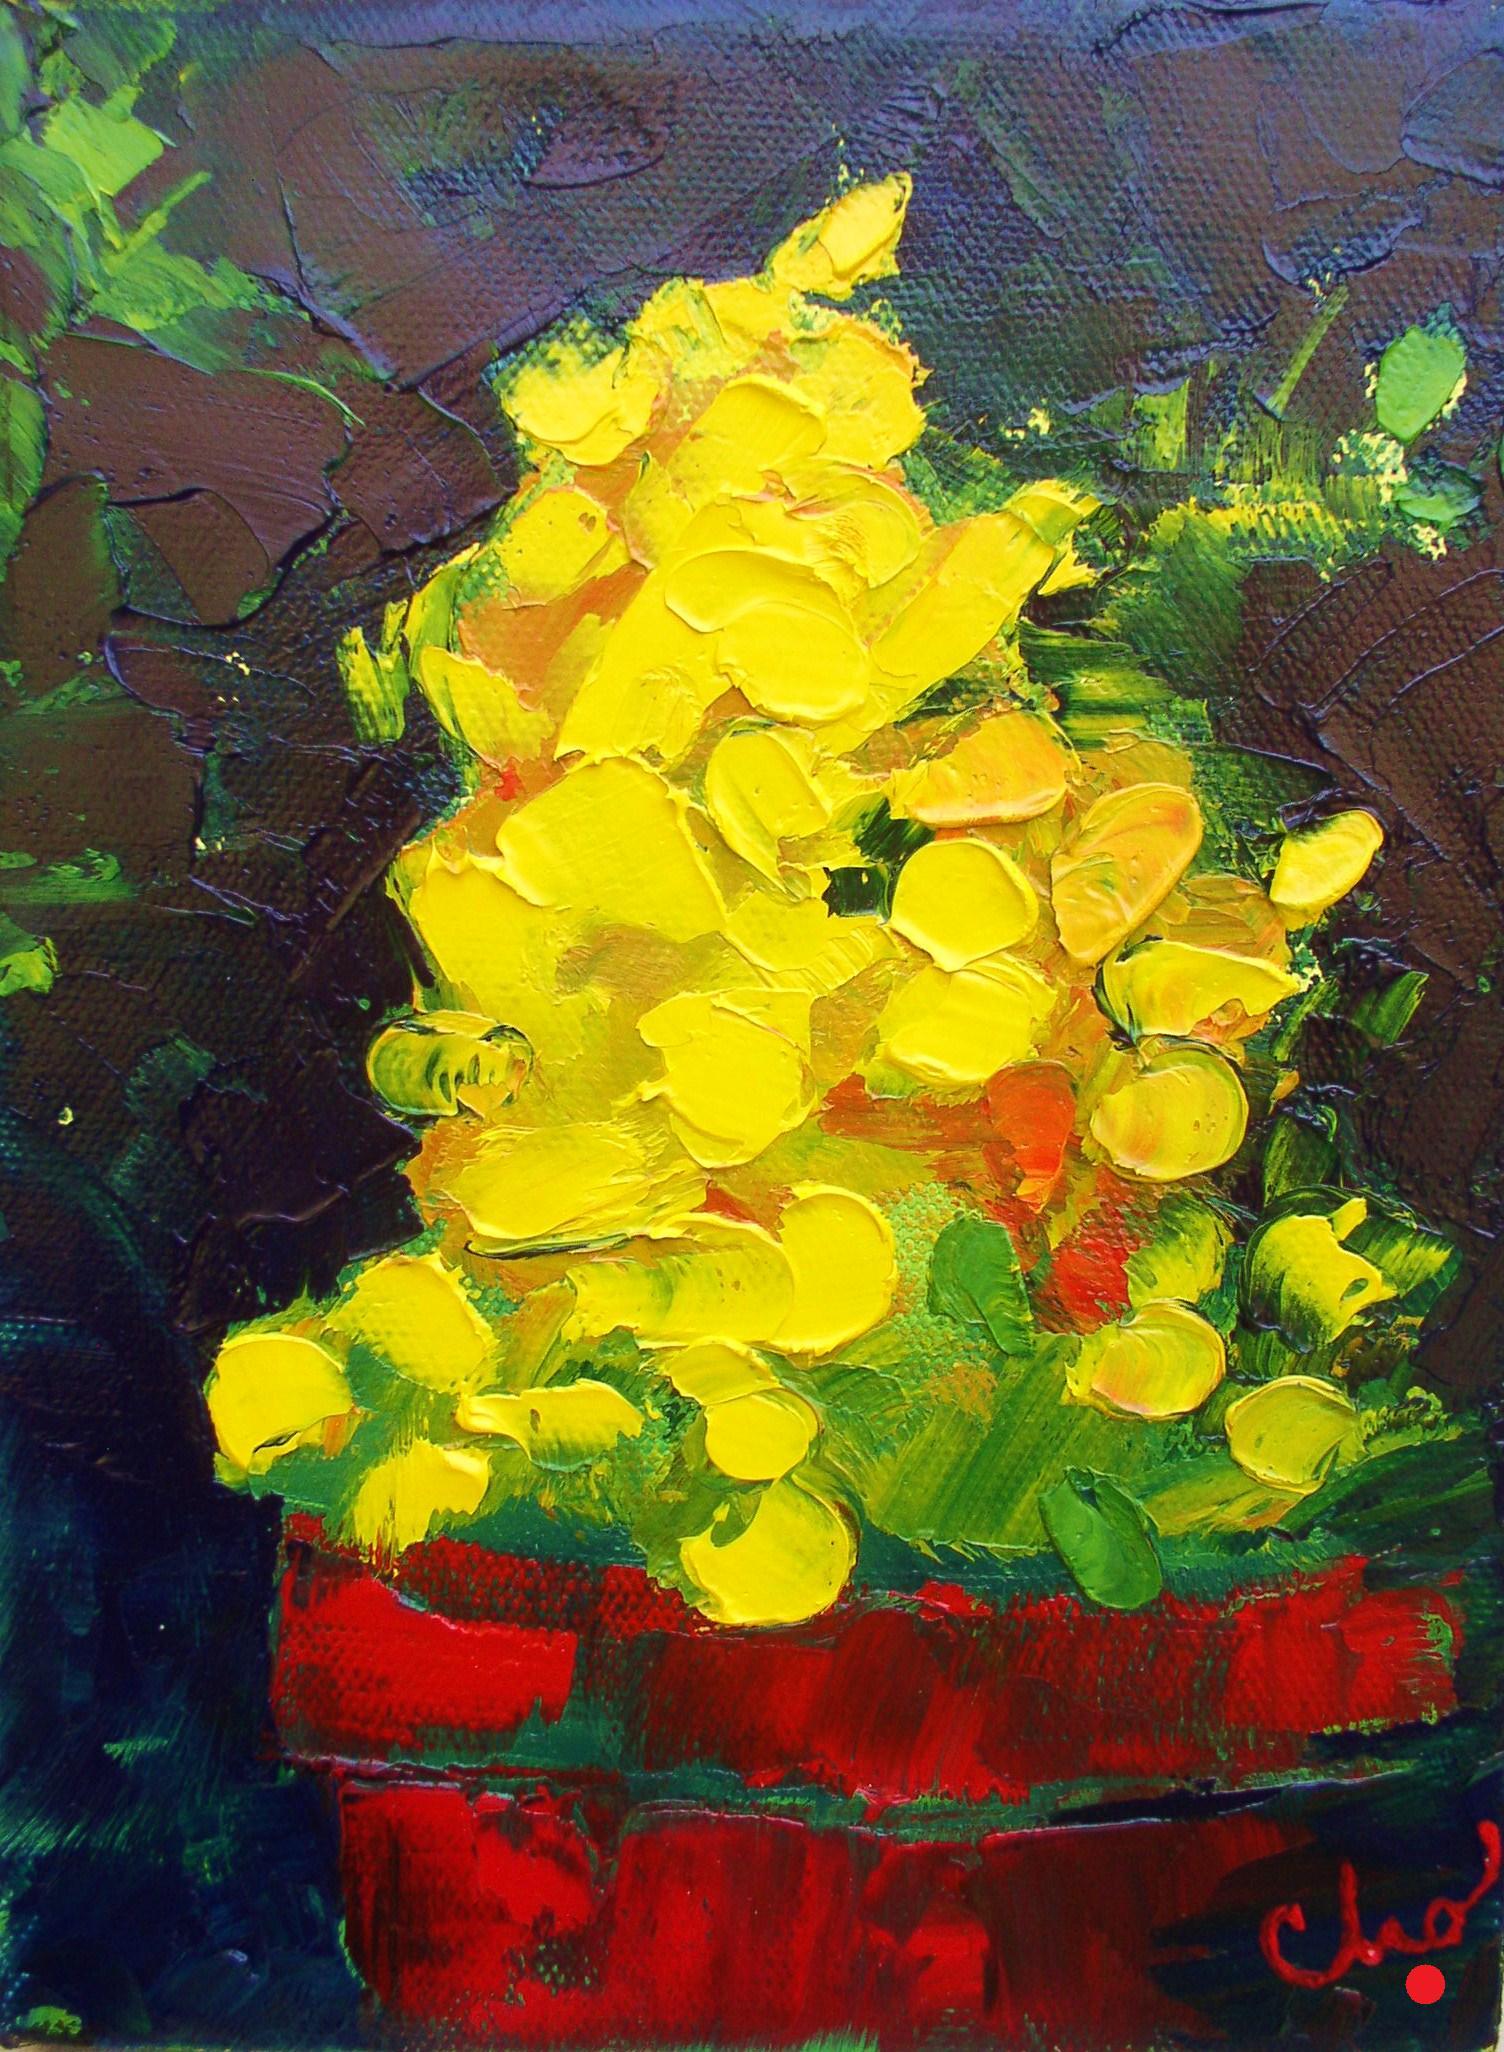 Yellow Flowers in oil 8x6 Sept 2011.JPG